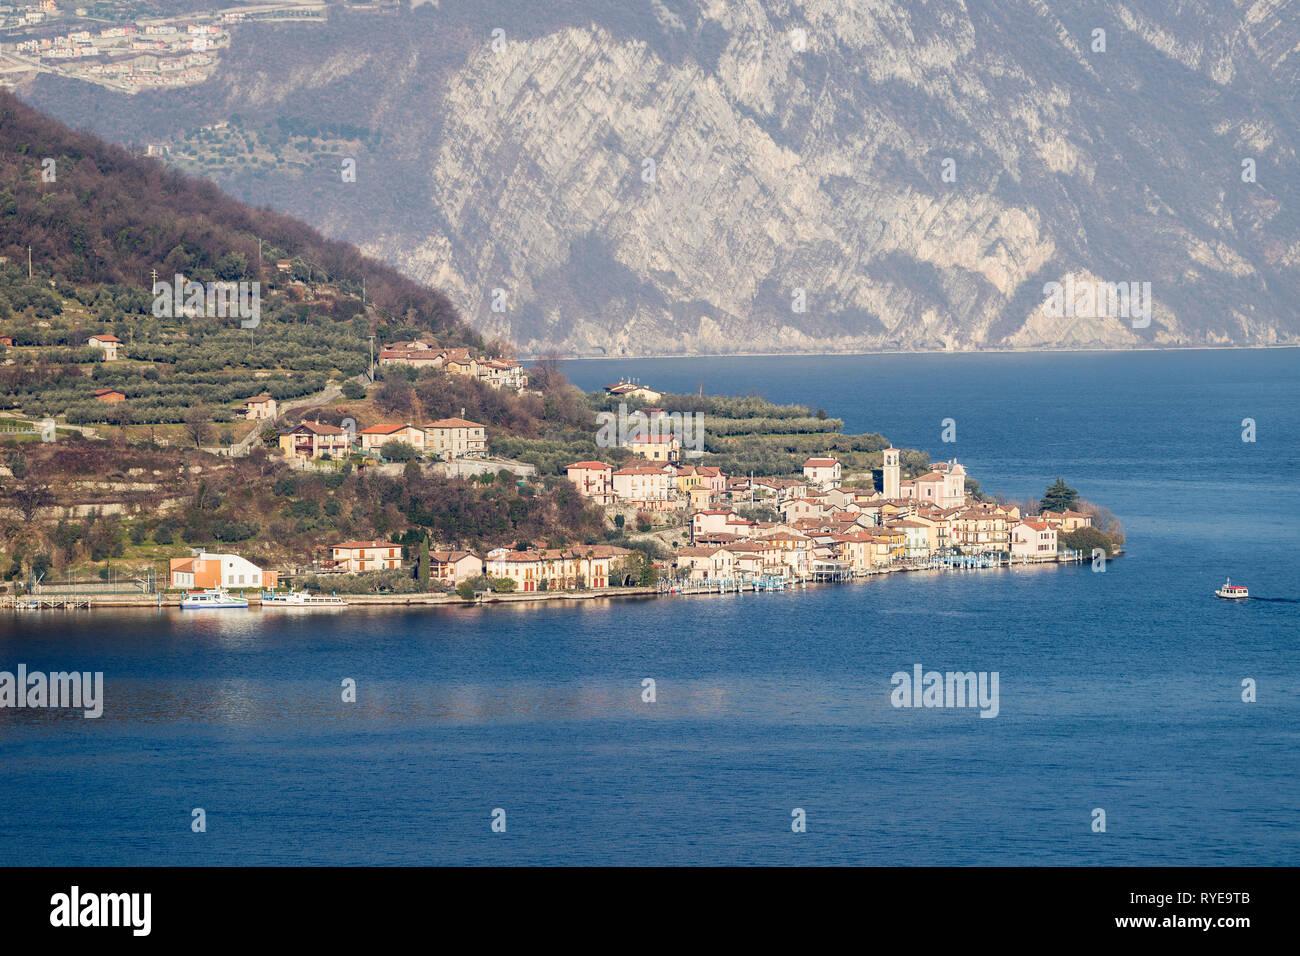 La aldea de Carzano en Monte Isola en el lago de Iseo, Lombardía, Italia Foto de stock